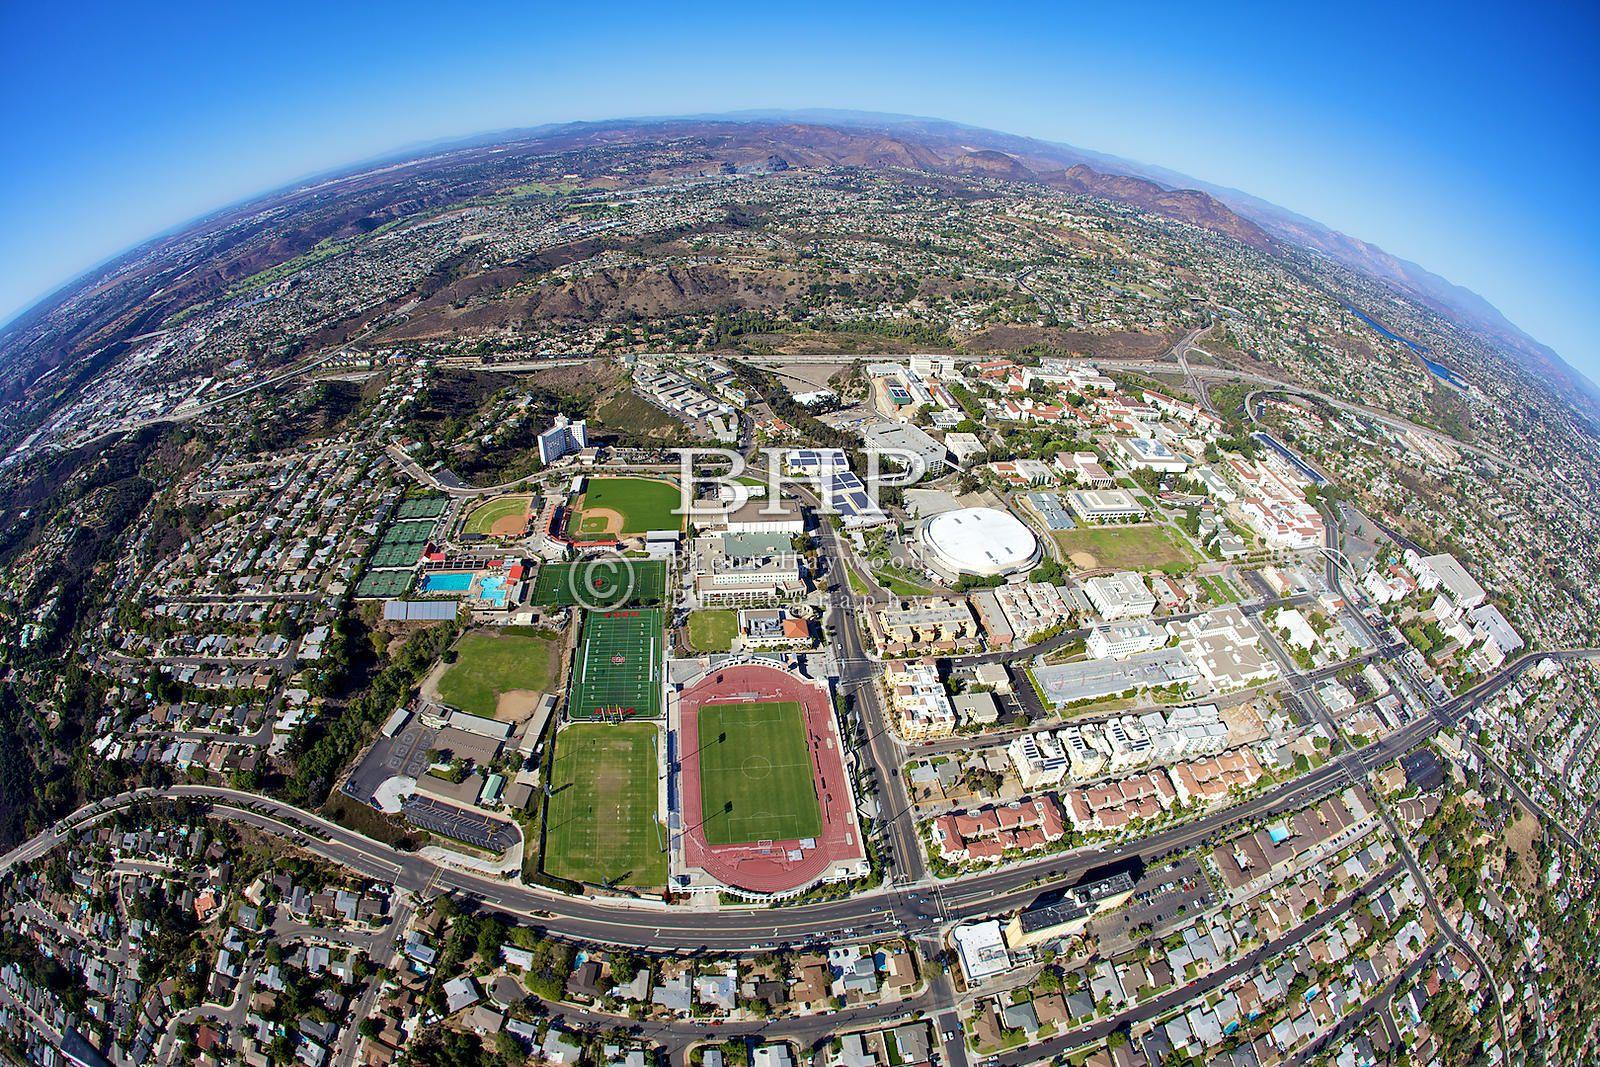 Sdsu San Diego State University California